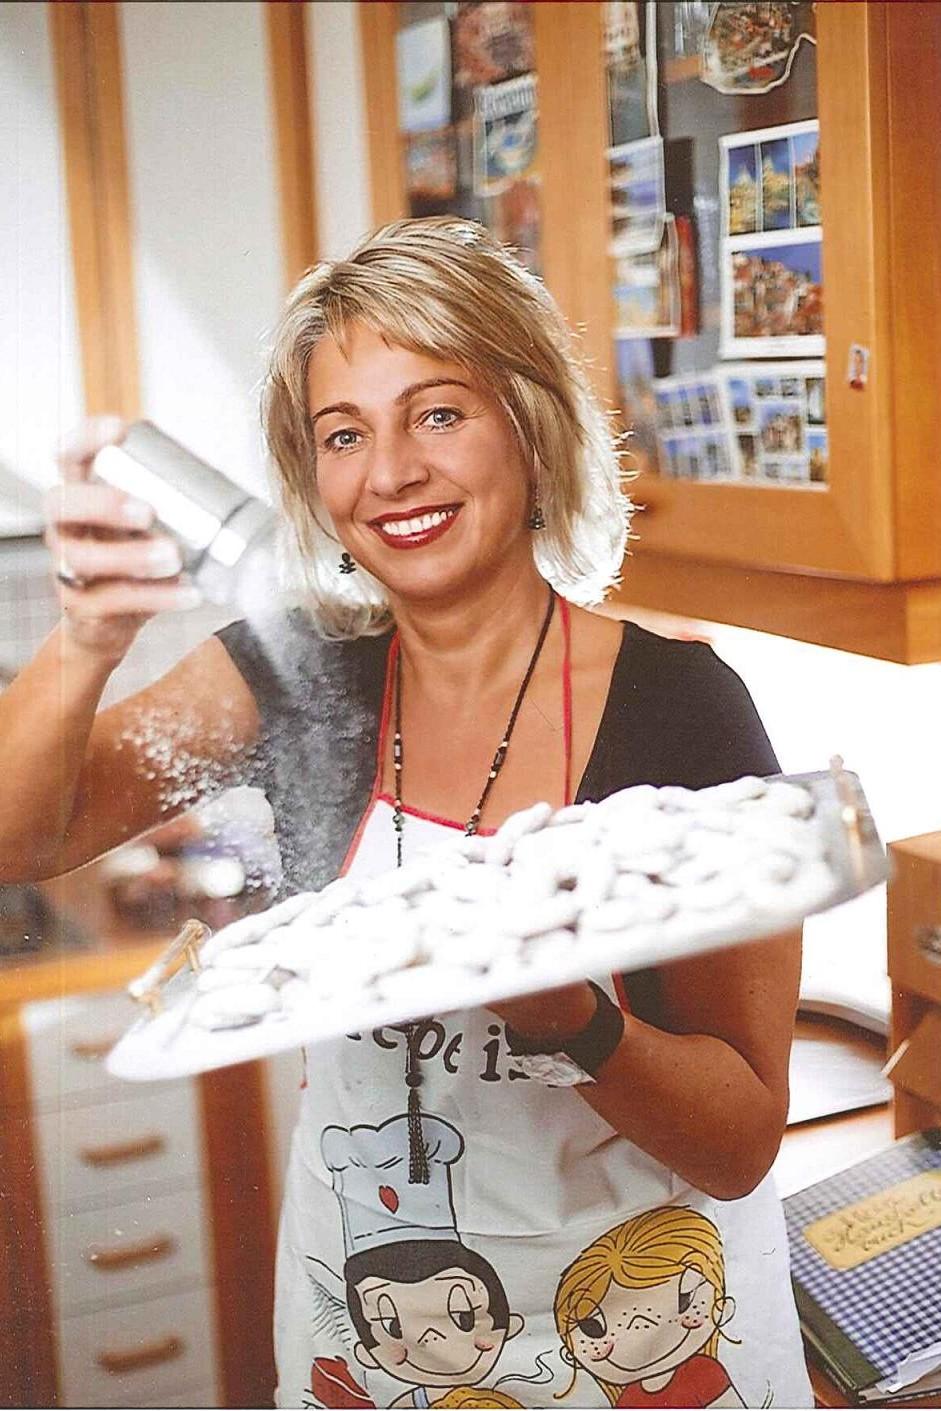 Verkürzen die Zeit bis Weihnachten: die köstlichen Vanillekipferl meiner Frau Franziska (C) Privat